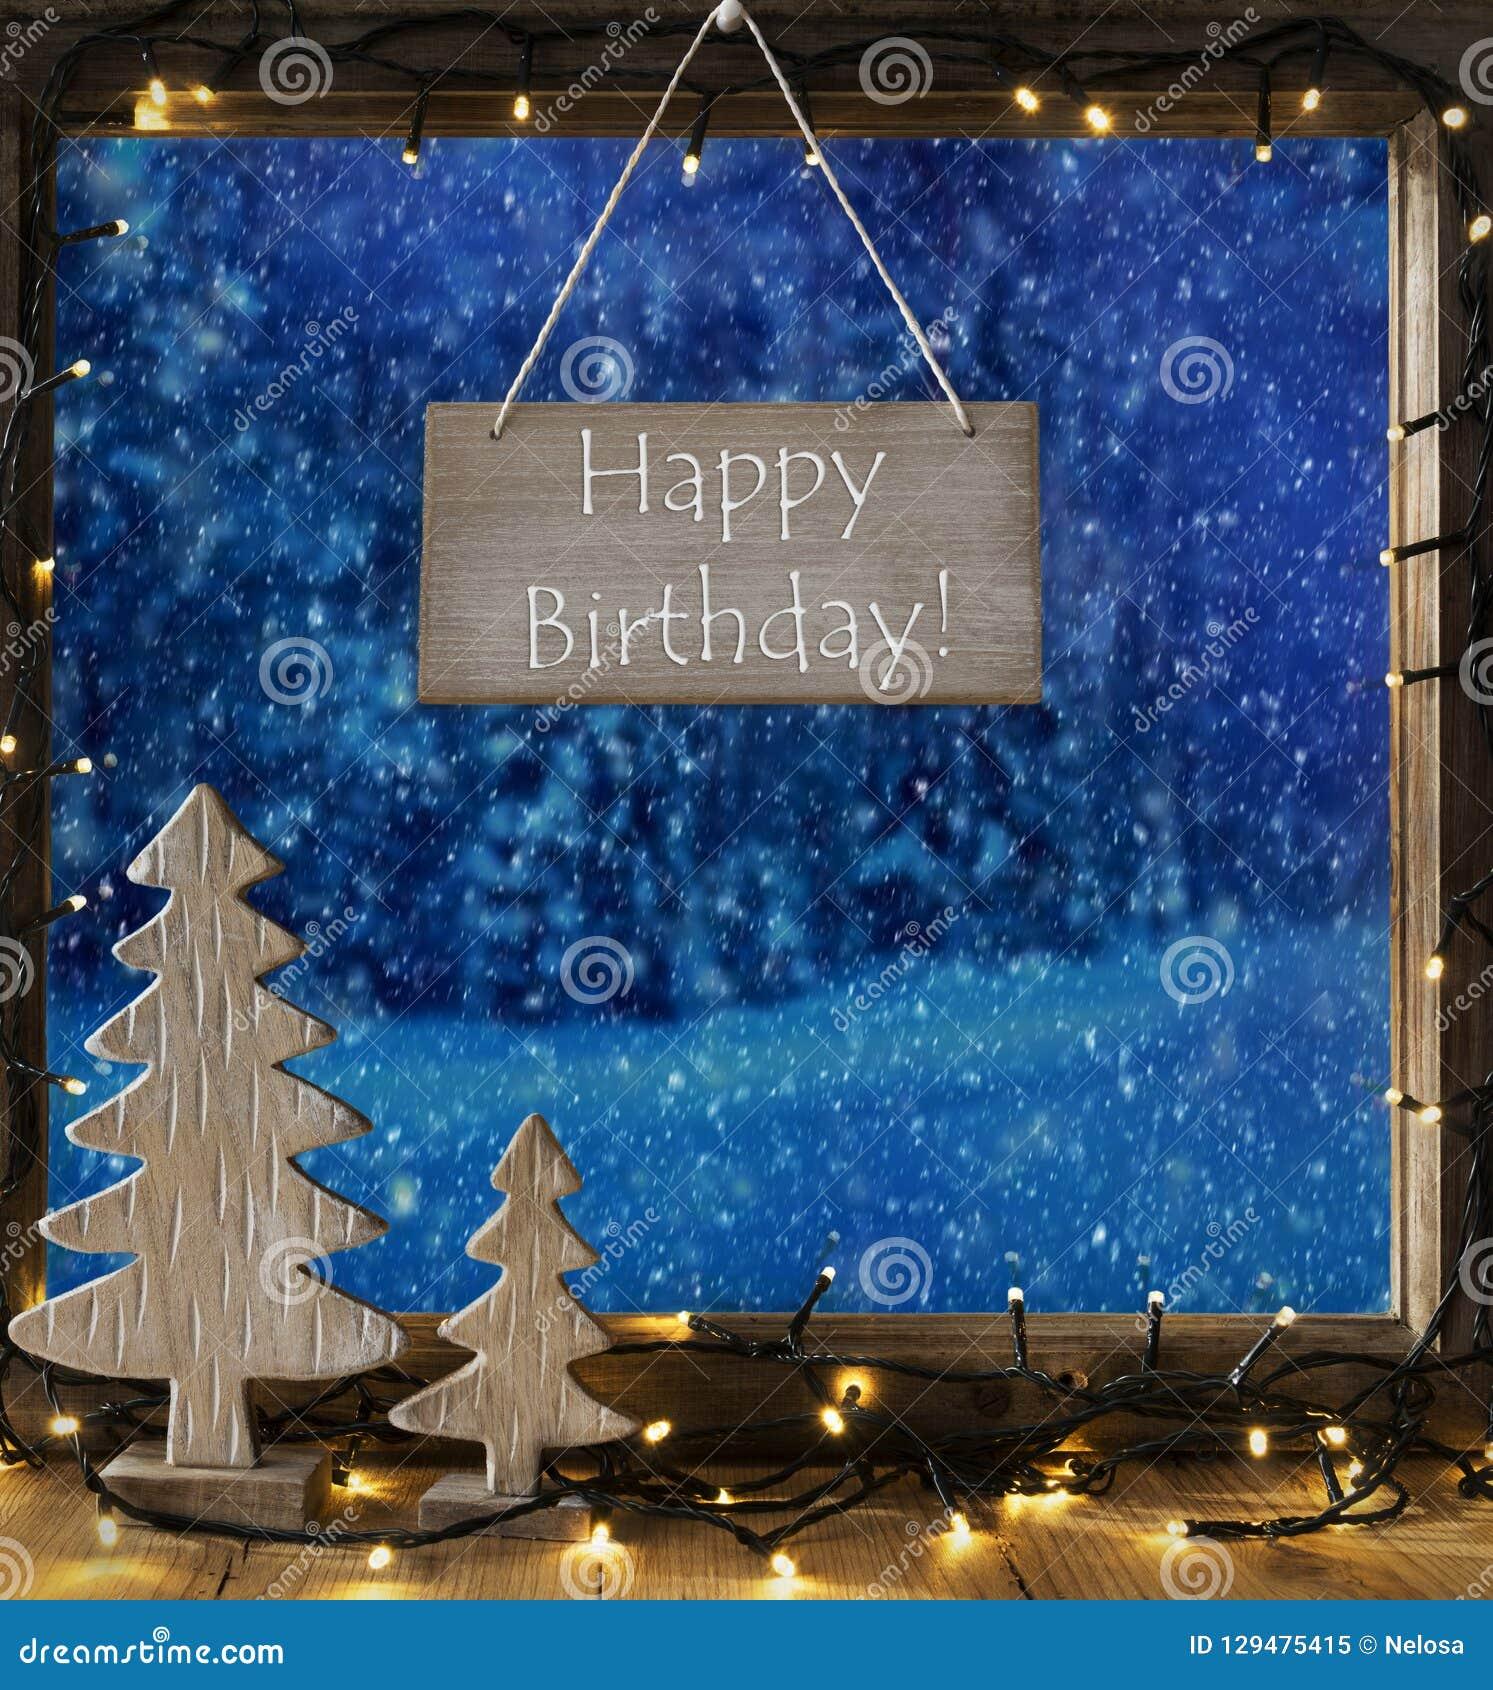 Fenster Winter Wald Text Alles Gute Zum Geburtstag Schneeflocken